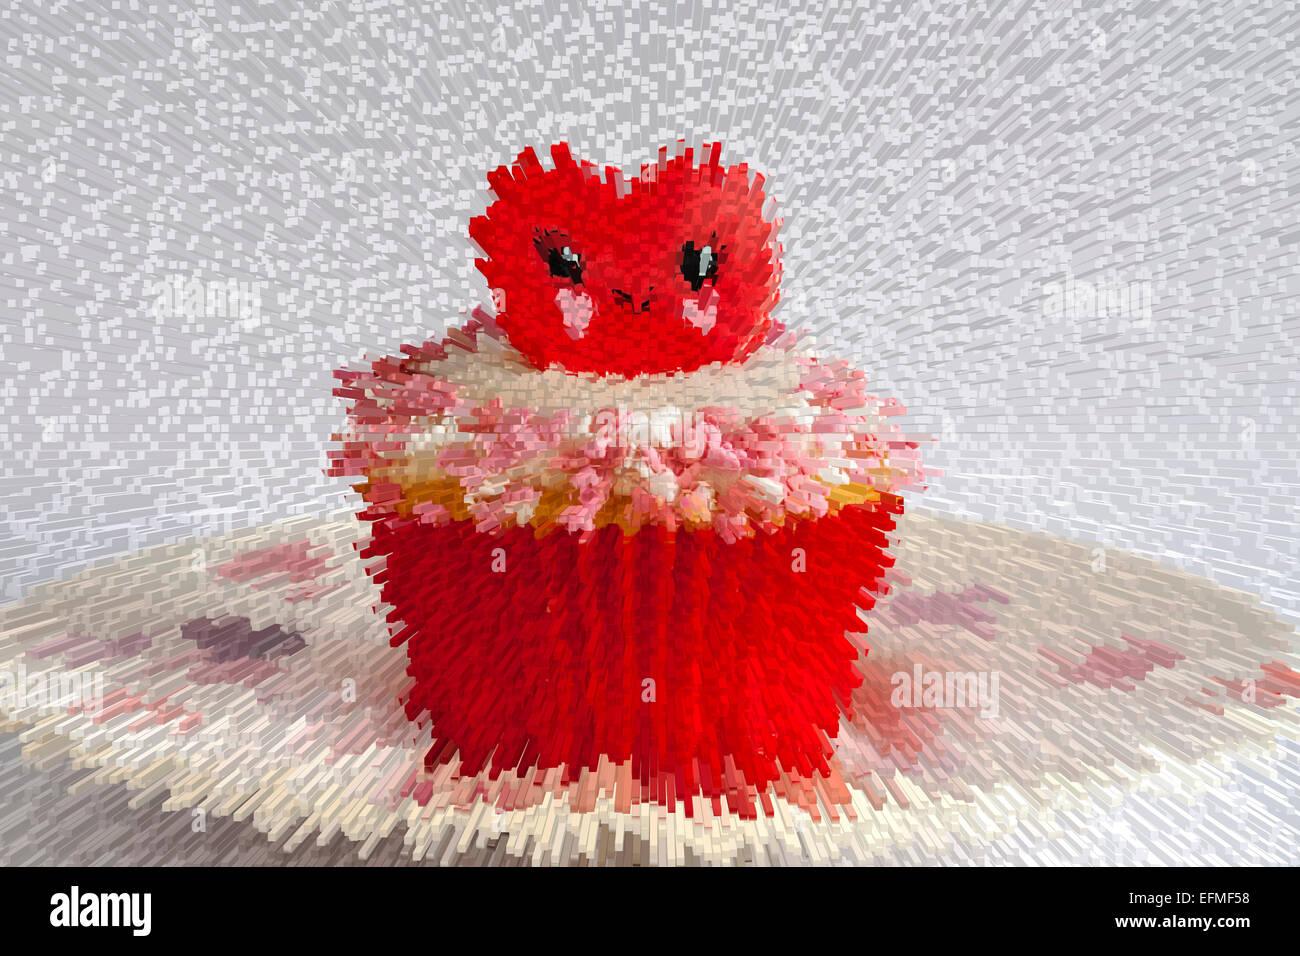 Esplosione di Valentine anello rosso cupcake impostato sulla piastra di cuore - ideale per il giorno di San Valentino, il giorno di san valentino Foto Stock